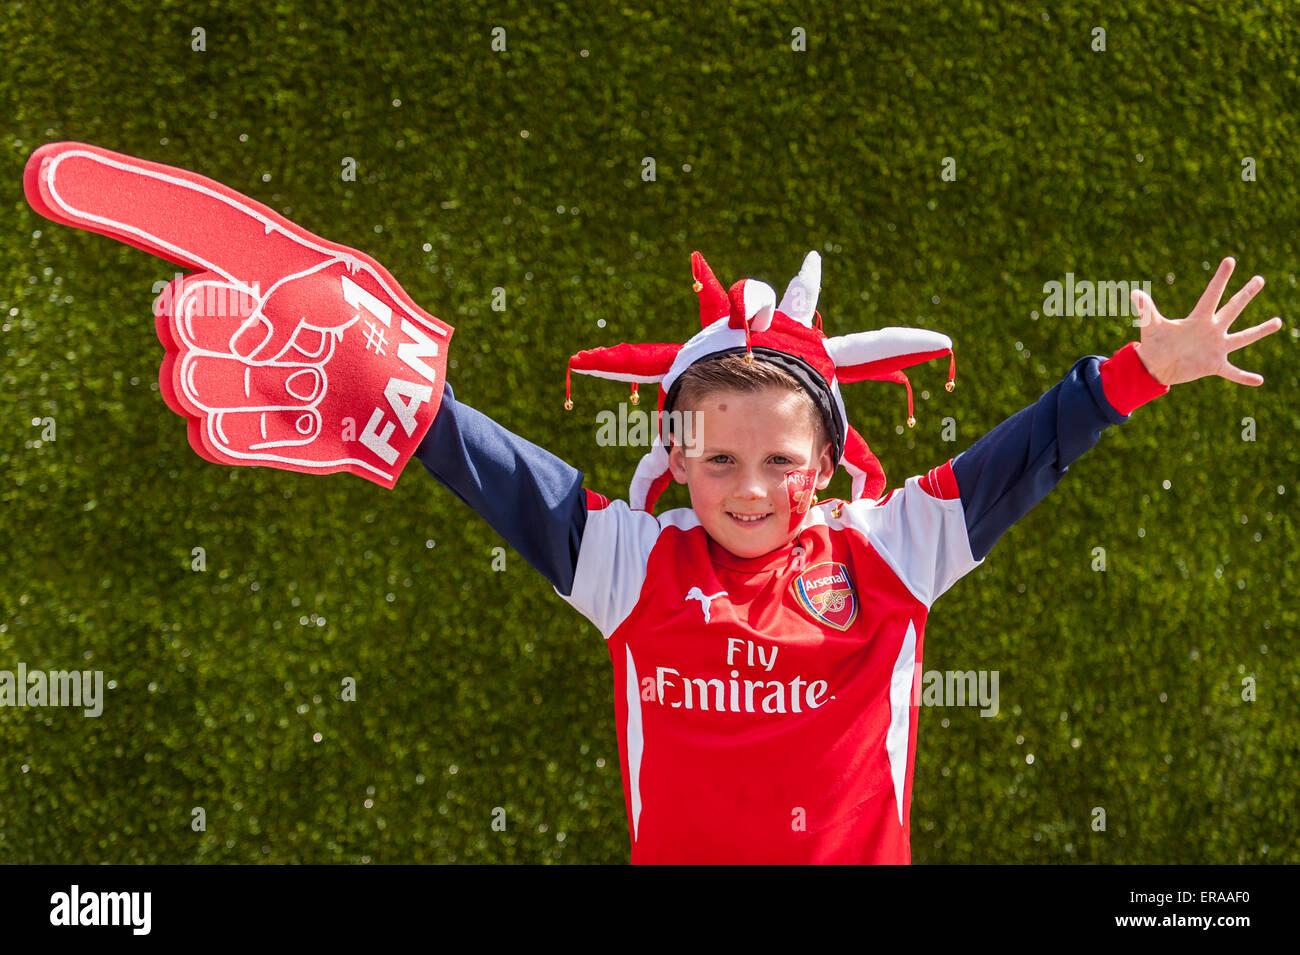 Londres, Royaume-Uni. 30 mai 2015. Un jeune défenseur d'Arsenal vagues, comme fans au stade de Wembley Photo Stock